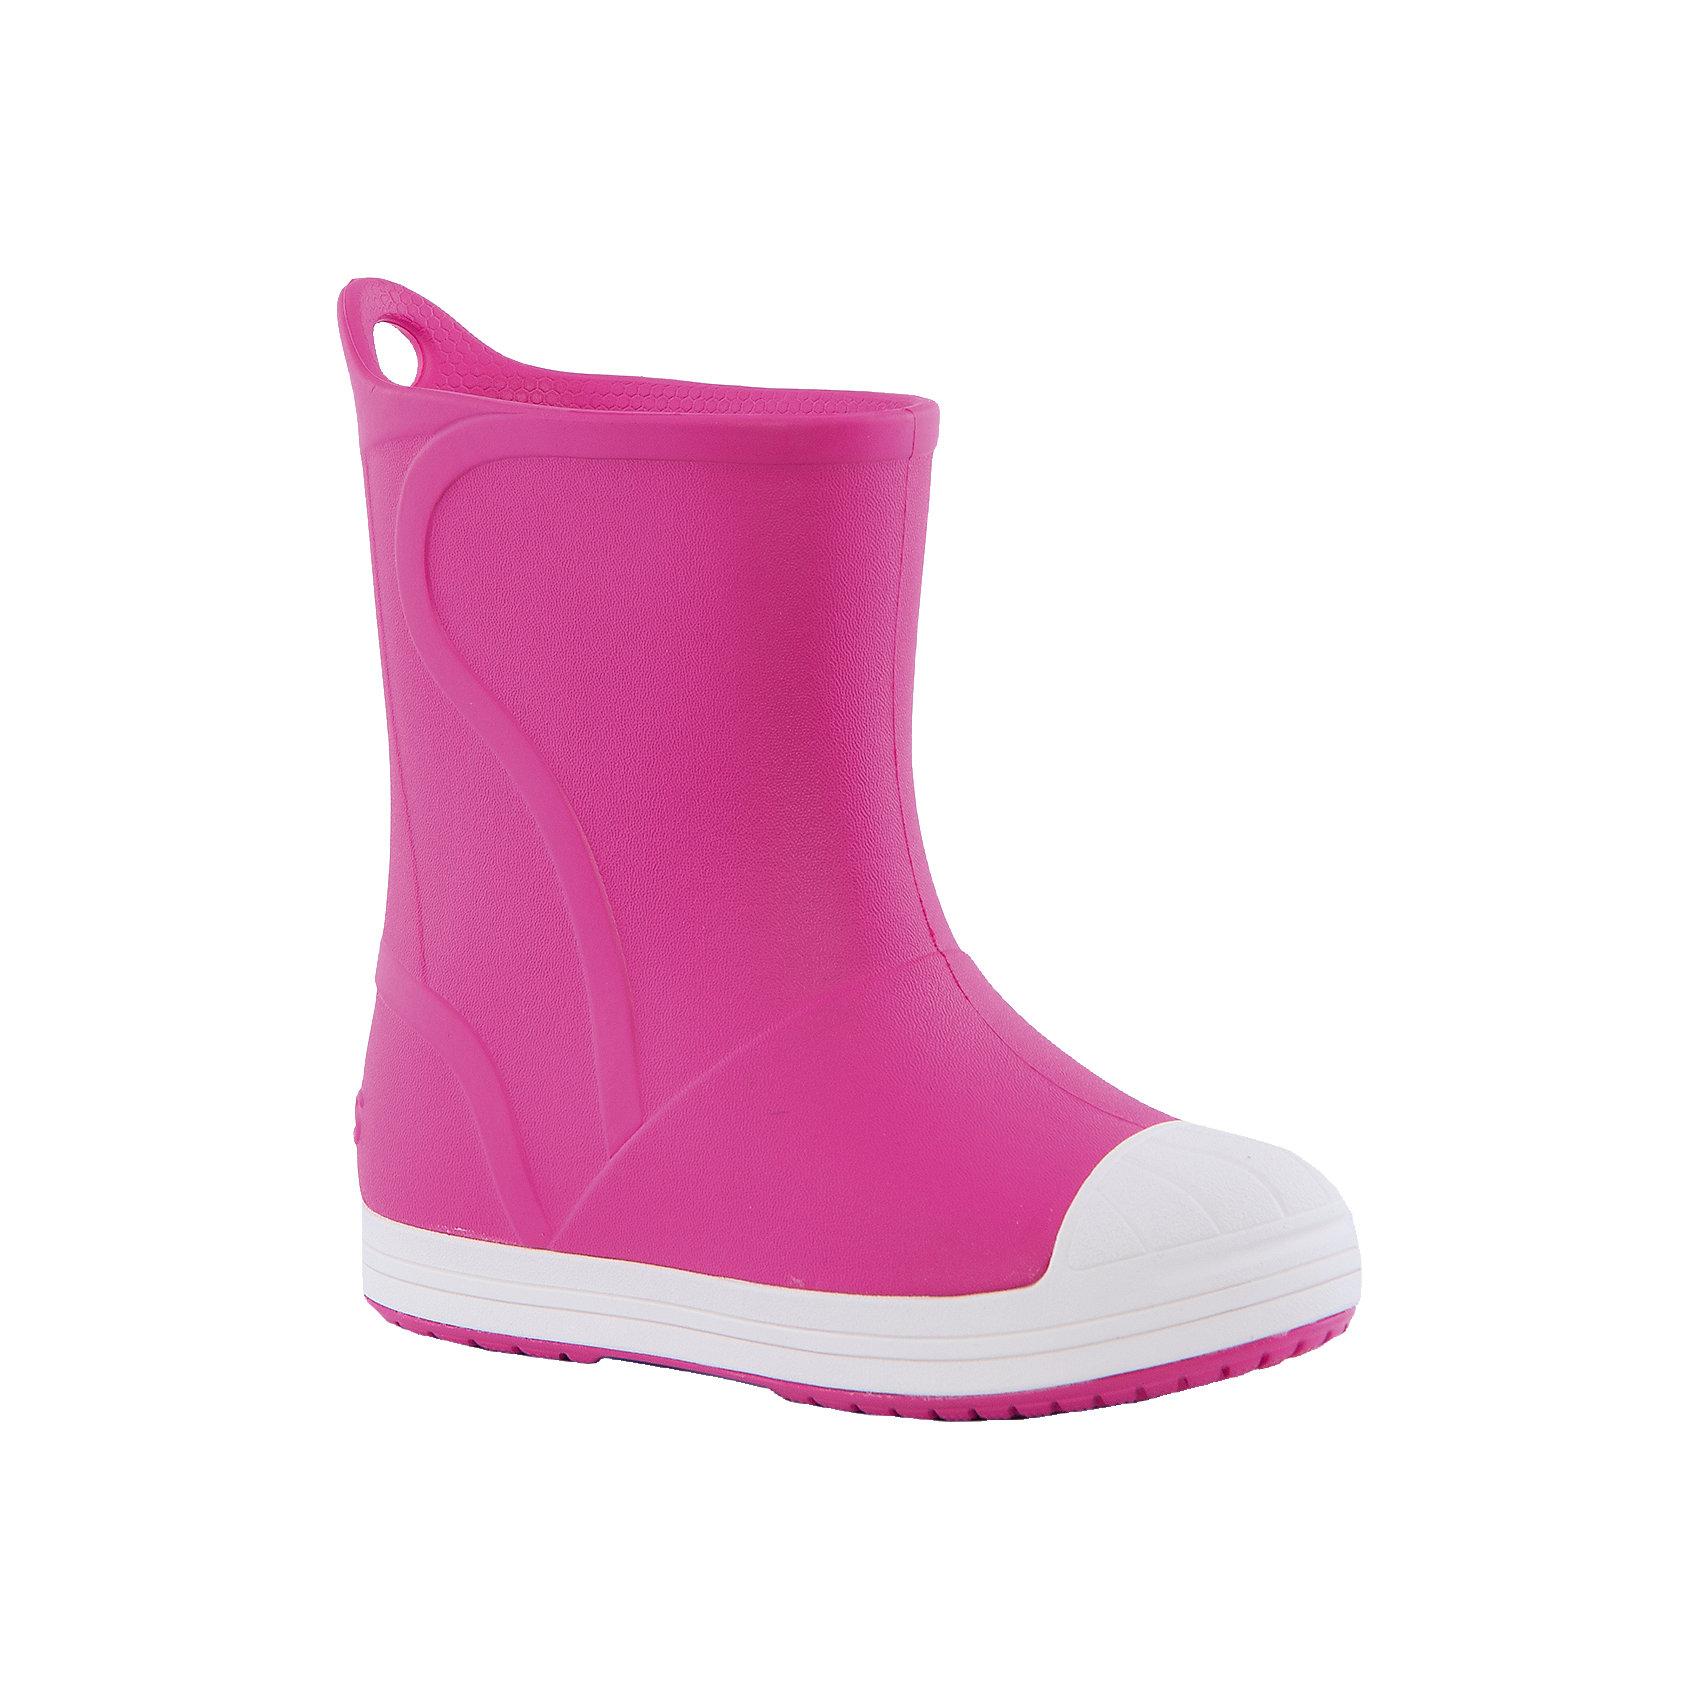 Резиновые сапоги Bump It Boot для девочки CrocsРезиновые сапоги<br>Характеристики товара:<br><br>• цвет: розовый<br>• материал: 100% полимер Croslite™<br>• непромокаемые<br>• температурный режим: от 0° до +20° С<br>• легко очищаются<br>• антискользящая подошва<br>• язычок для удобного надевания<br>• толстая устойчивая подошва<br>• страна бренда: США<br>• страна изготовитель: Китай<br><br>Сапоги могут быть и стильными, и непромокаемыми! Для детской обуви крайне важно, чтобы она была удобной. Такие сапоги обеспечивают детям необходимый комфорт, а надежный материал не пропускает внутрь воду. Сапоги легко надеваются и снимаются, отлично сидят на ноге. Материал, из которого они сделаны, не дает размножаться бактериям, поэтому такая обувь препятствует образованию неприятного запаха и появлению болезней стоп. Данная модель особенно понравится детям - ведь в них можно бегать по лужам!<br>Обувь от американского бренда Crocs в данный момент завоевала широкую популярность во всем мире, и это не удивительно - ведь она невероятно удобна. Её носят врачи, спортсмены, звёзды шоу-бизнеса, люди, которым много времени приходится бывать на ногах - они понимают, как важна комфортная обувь. Продукция Crocs - это качественные товары, созданные с применением новейших технологий. Обувь отличается стильным дизайном и продуманной конструкцией. Изделие производится из качественных и проверенных материалов, которые безопасны для детей.<br><br>Резиновые сапоги Kids' Crocs Bump It Rain Boot Crocs от торговой марки Crocs можно купить в нашем интернет-магазине.<br><br>Ширина мм: 237<br>Глубина мм: 180<br>Высота мм: 152<br>Вес г: 438<br>Цвет: розовый<br>Возраст от месяцев: 132<br>Возраст до месяцев: 144<br>Пол: Женский<br>Возраст: Детский<br>Размер: 34/35,27,28,29,30,23,24,25,26,31,33,34,31/32,33/34<br>SKU: 4940769